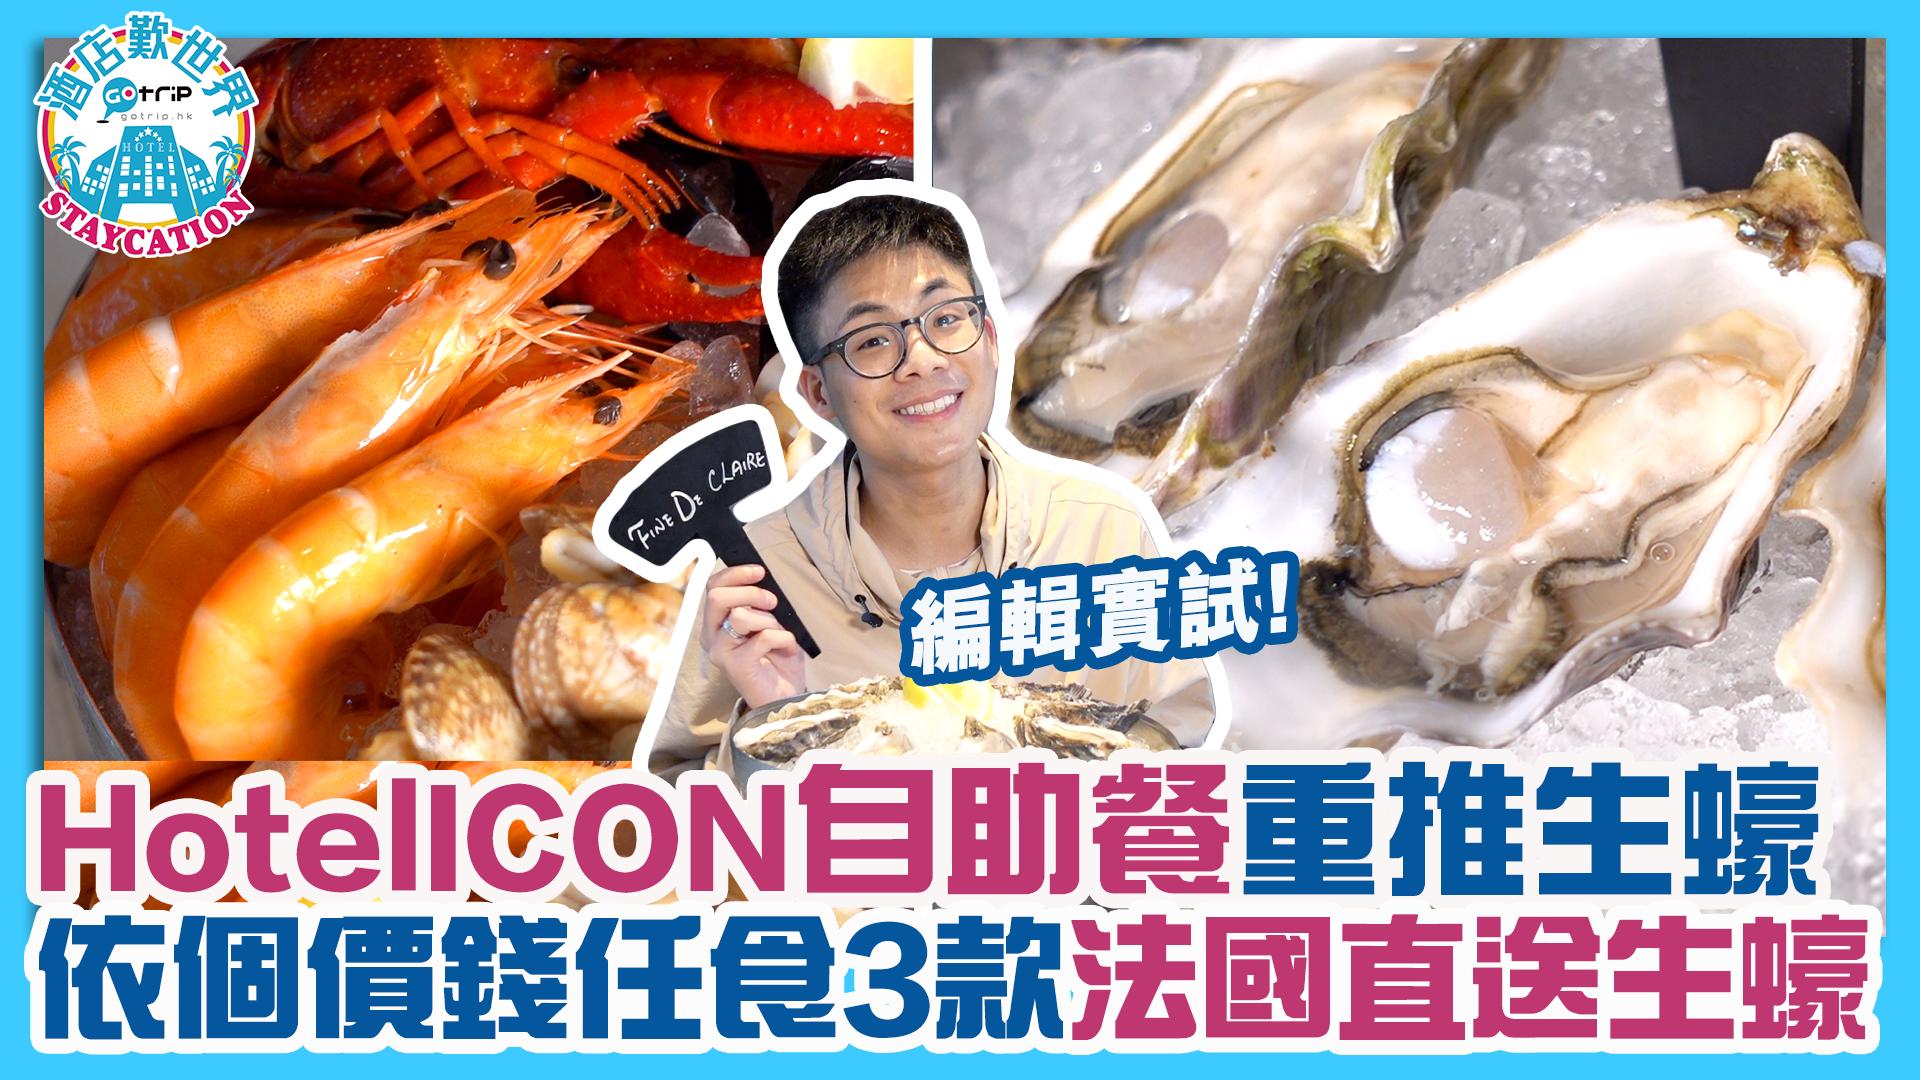 Hotel ICON自助餐重推生蠔!法國直送生蠔+新鮮海鮮+必試榴槤甜品